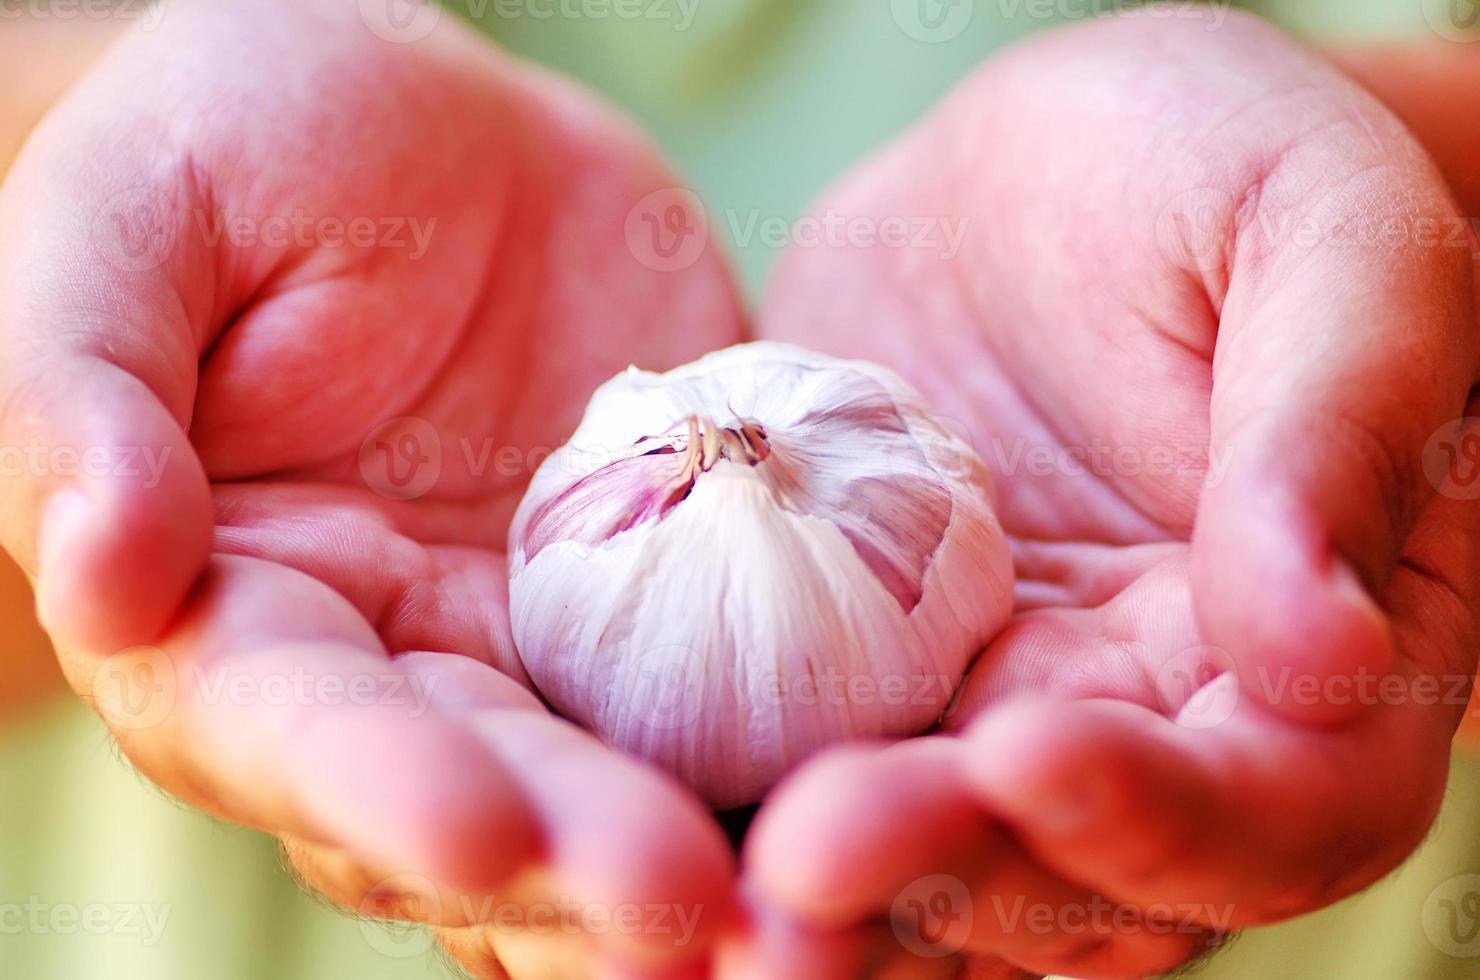 garlic in open hands photo